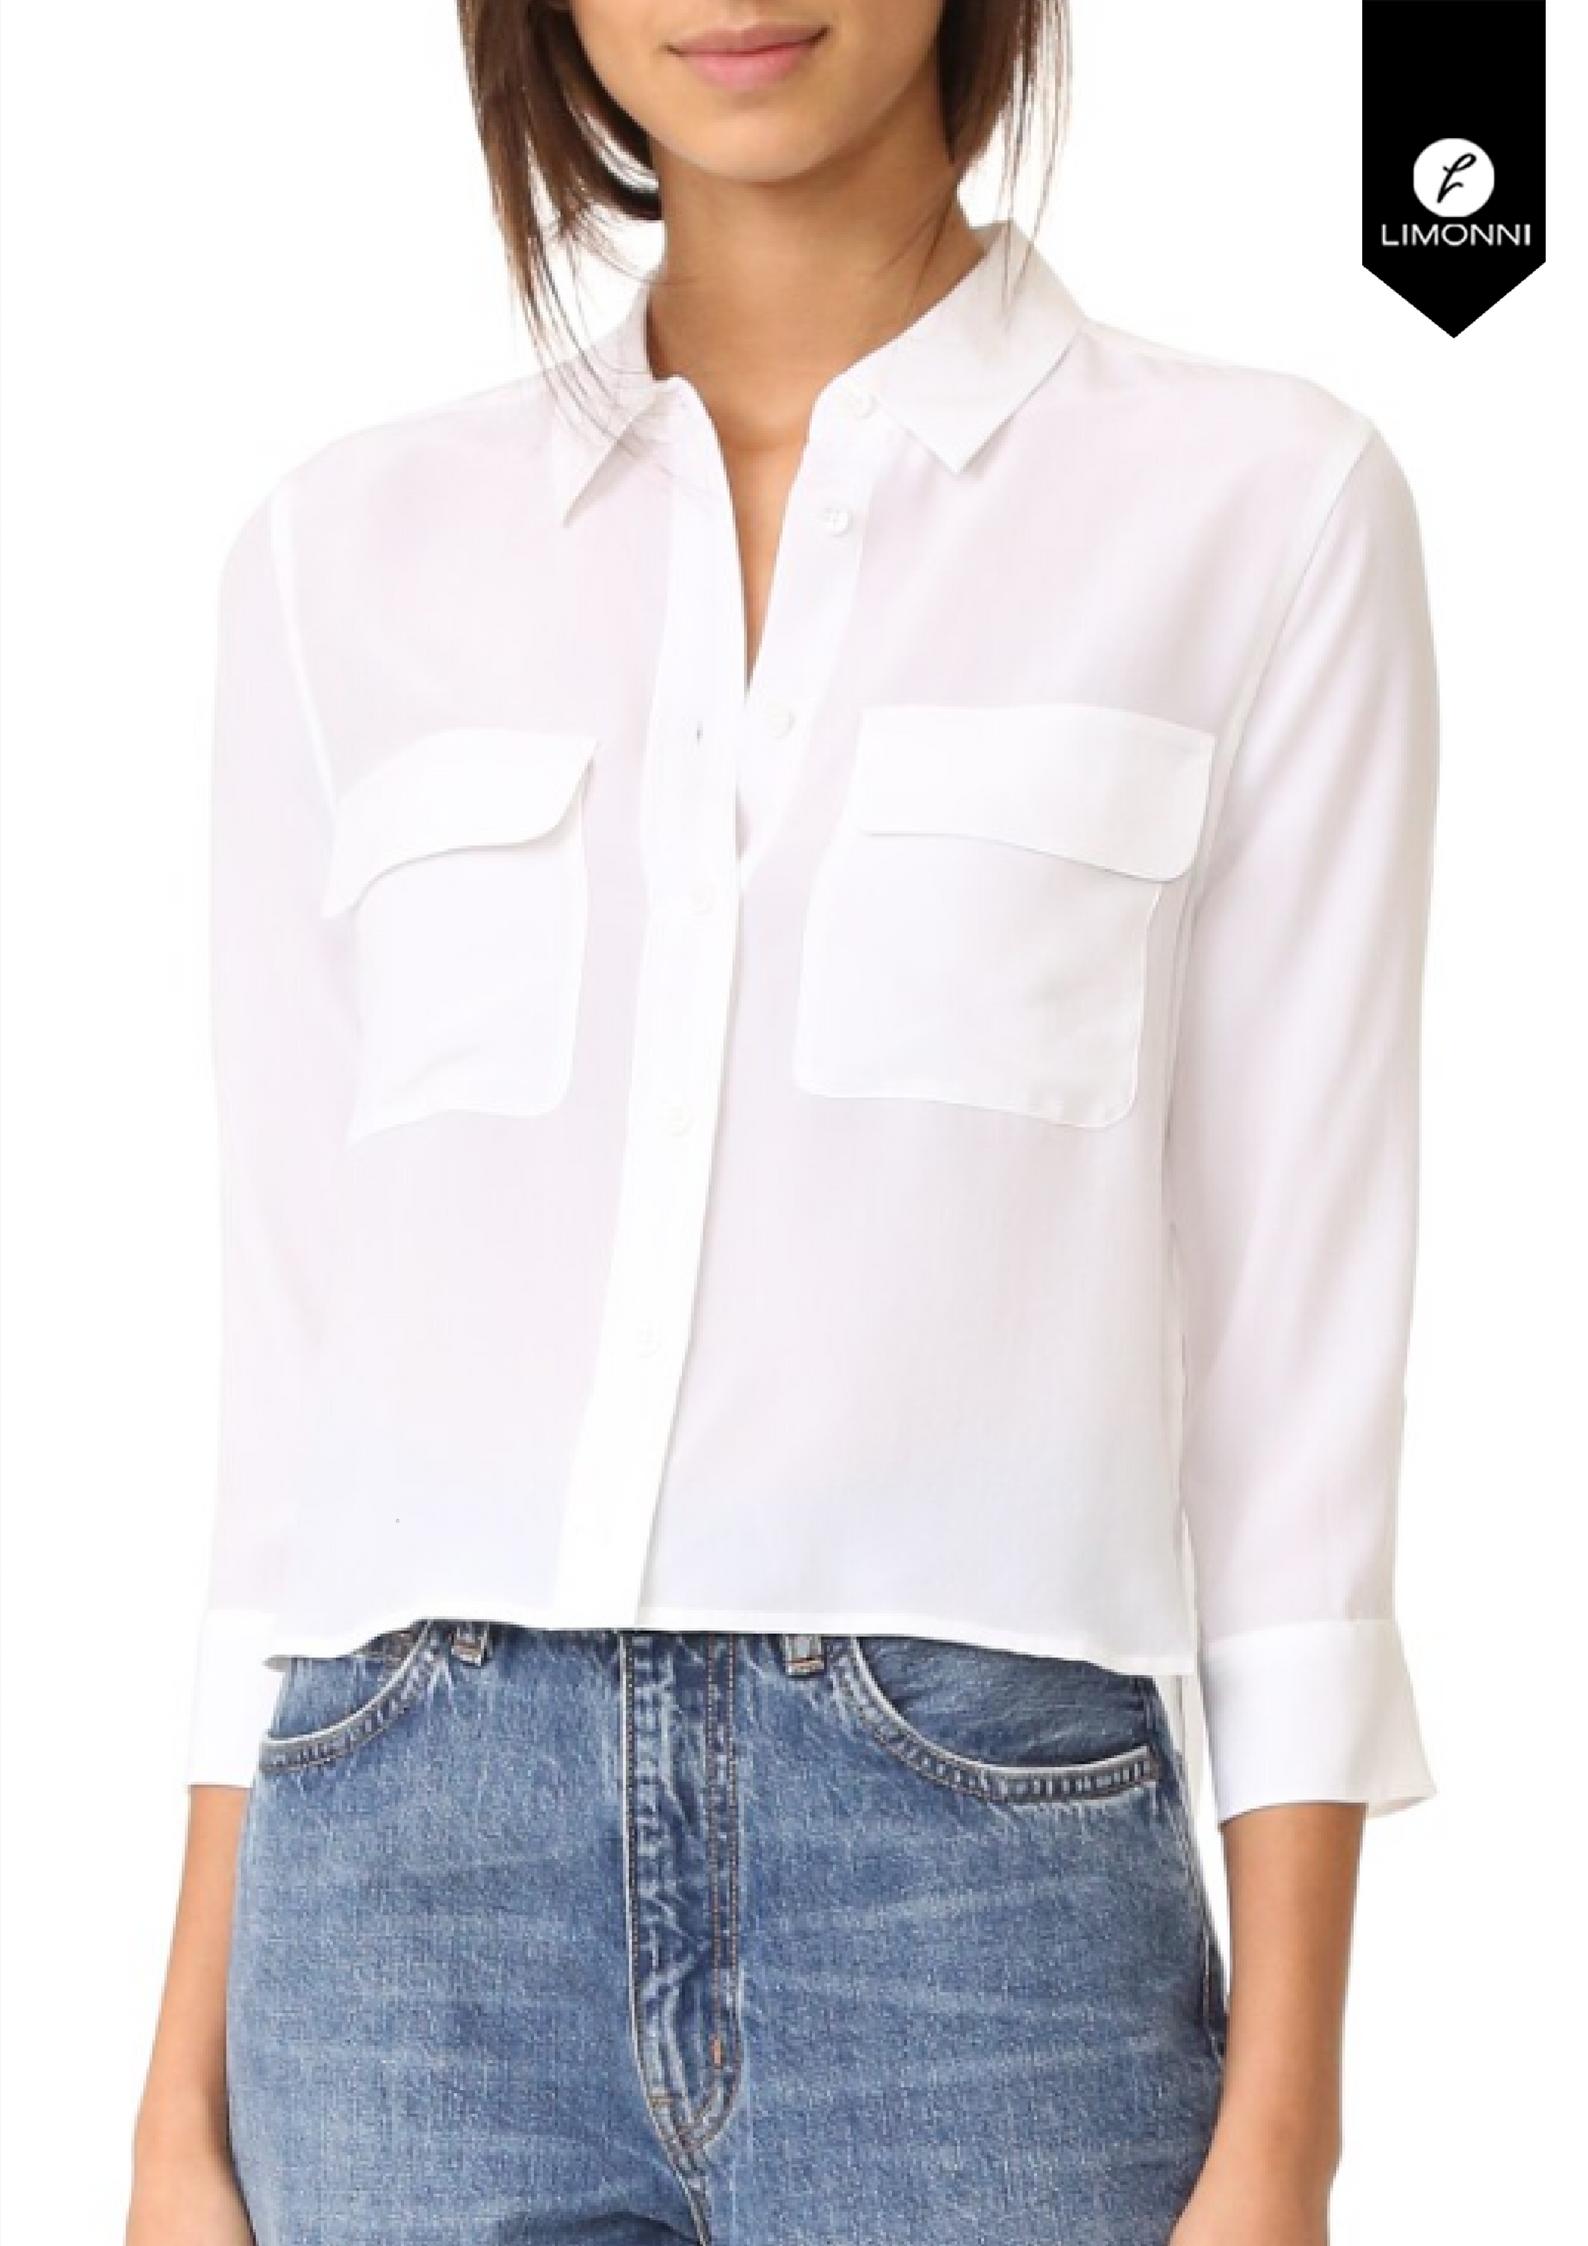 Blusas para mujer Limonni Novalee LI1433 Camiseras